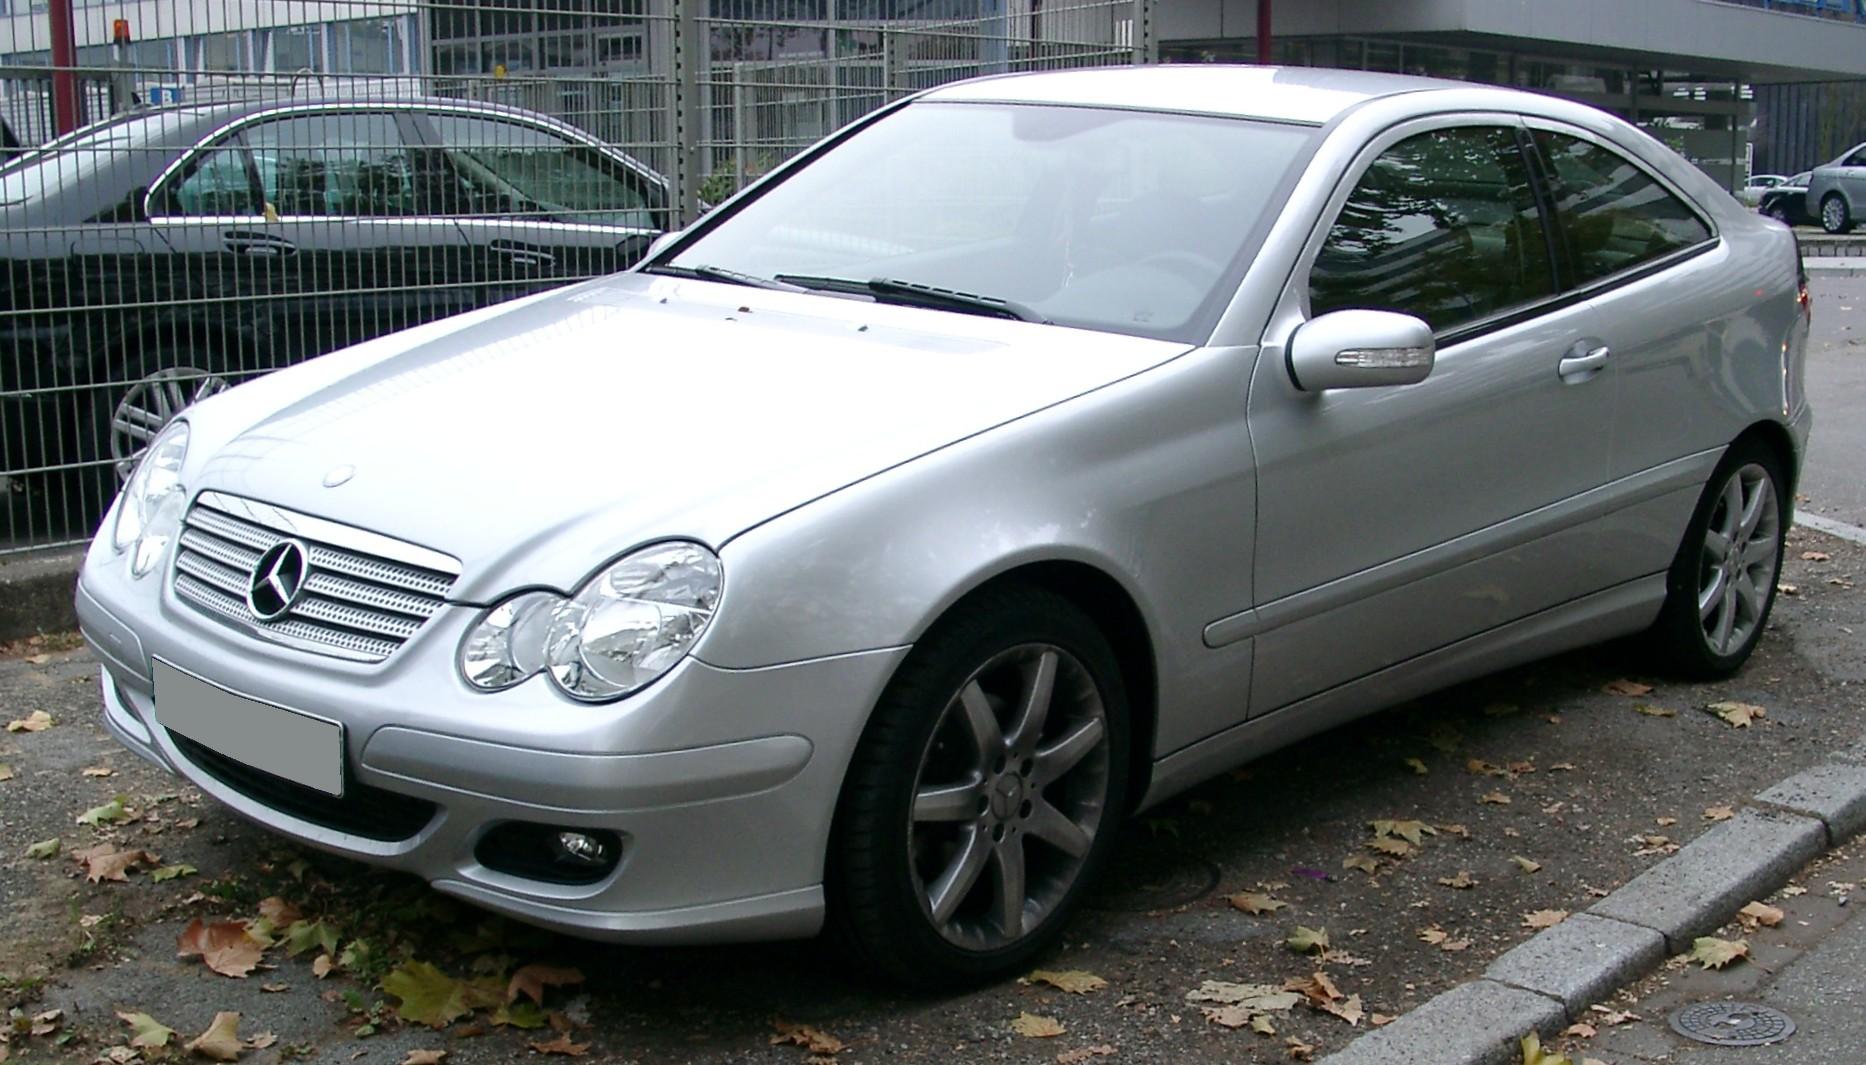 2003 mercedes benz c class c240 wagon 2 6l v6 manual rh carspecs us